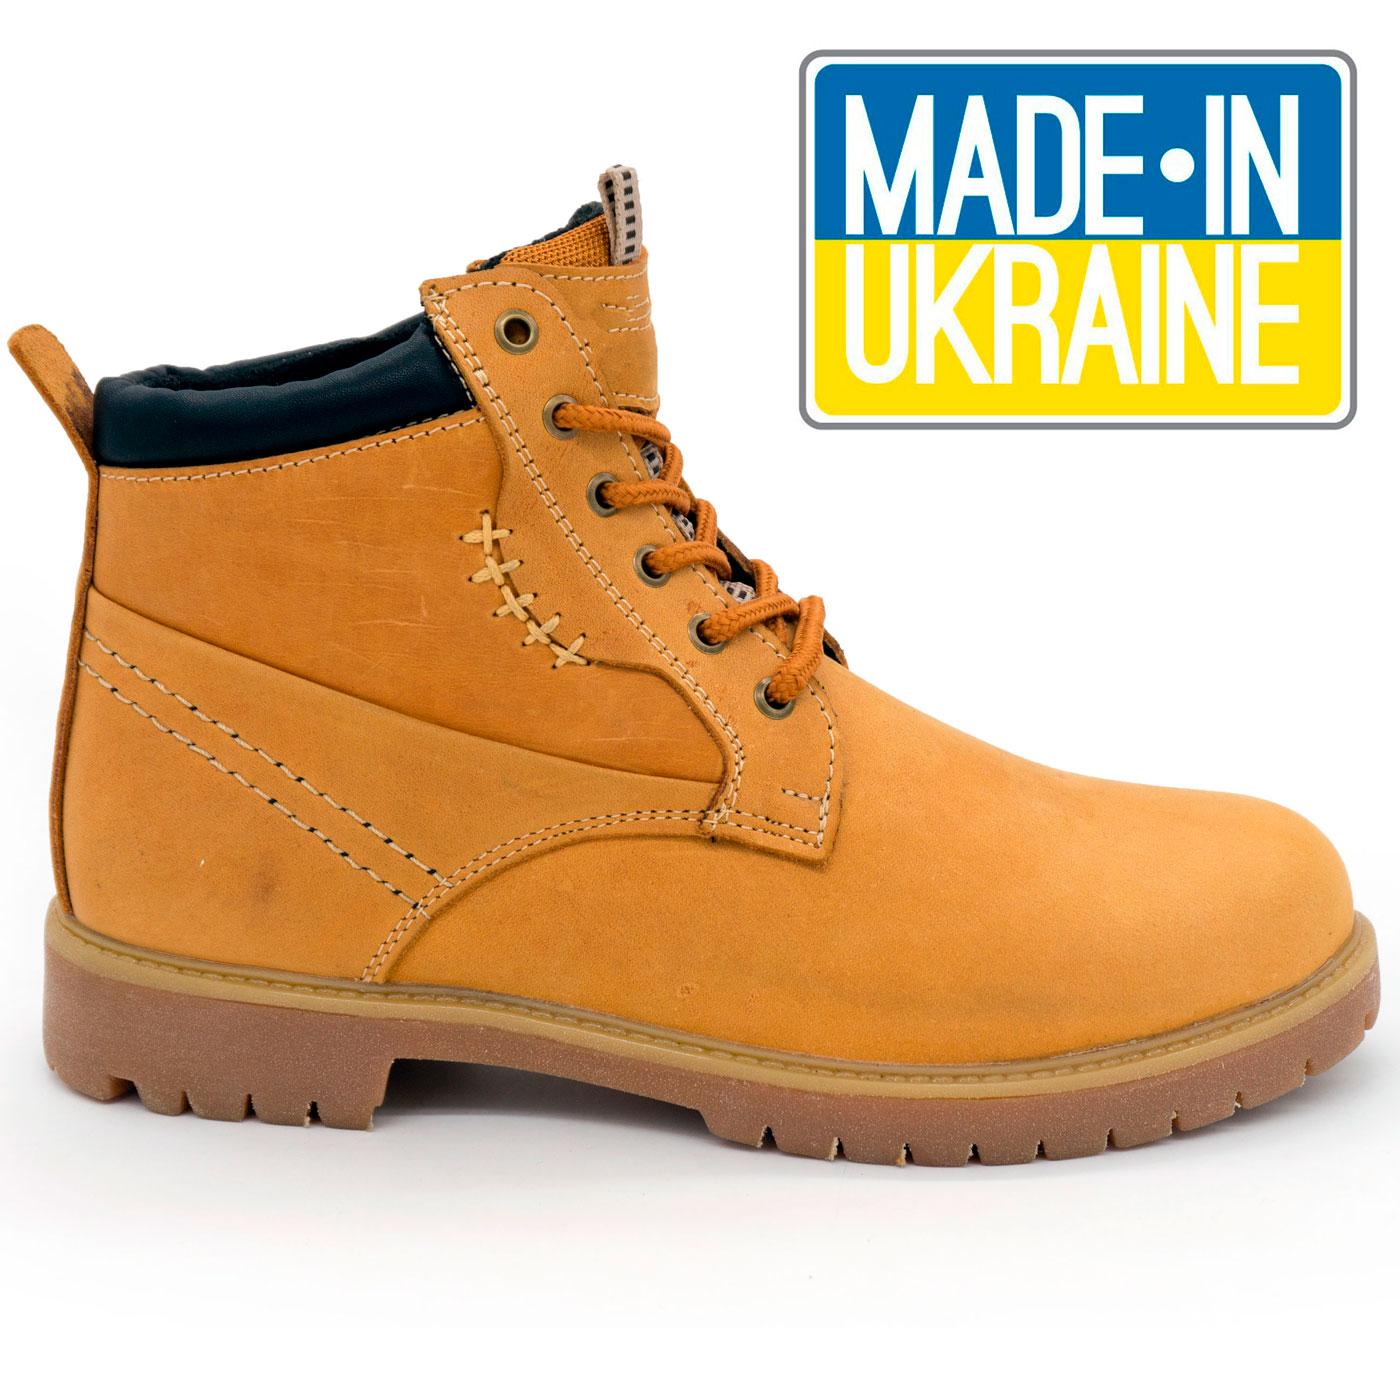 фото main Желтые кожаные женские ботинки Реплика Timberland 101 (Тимберленд)  main